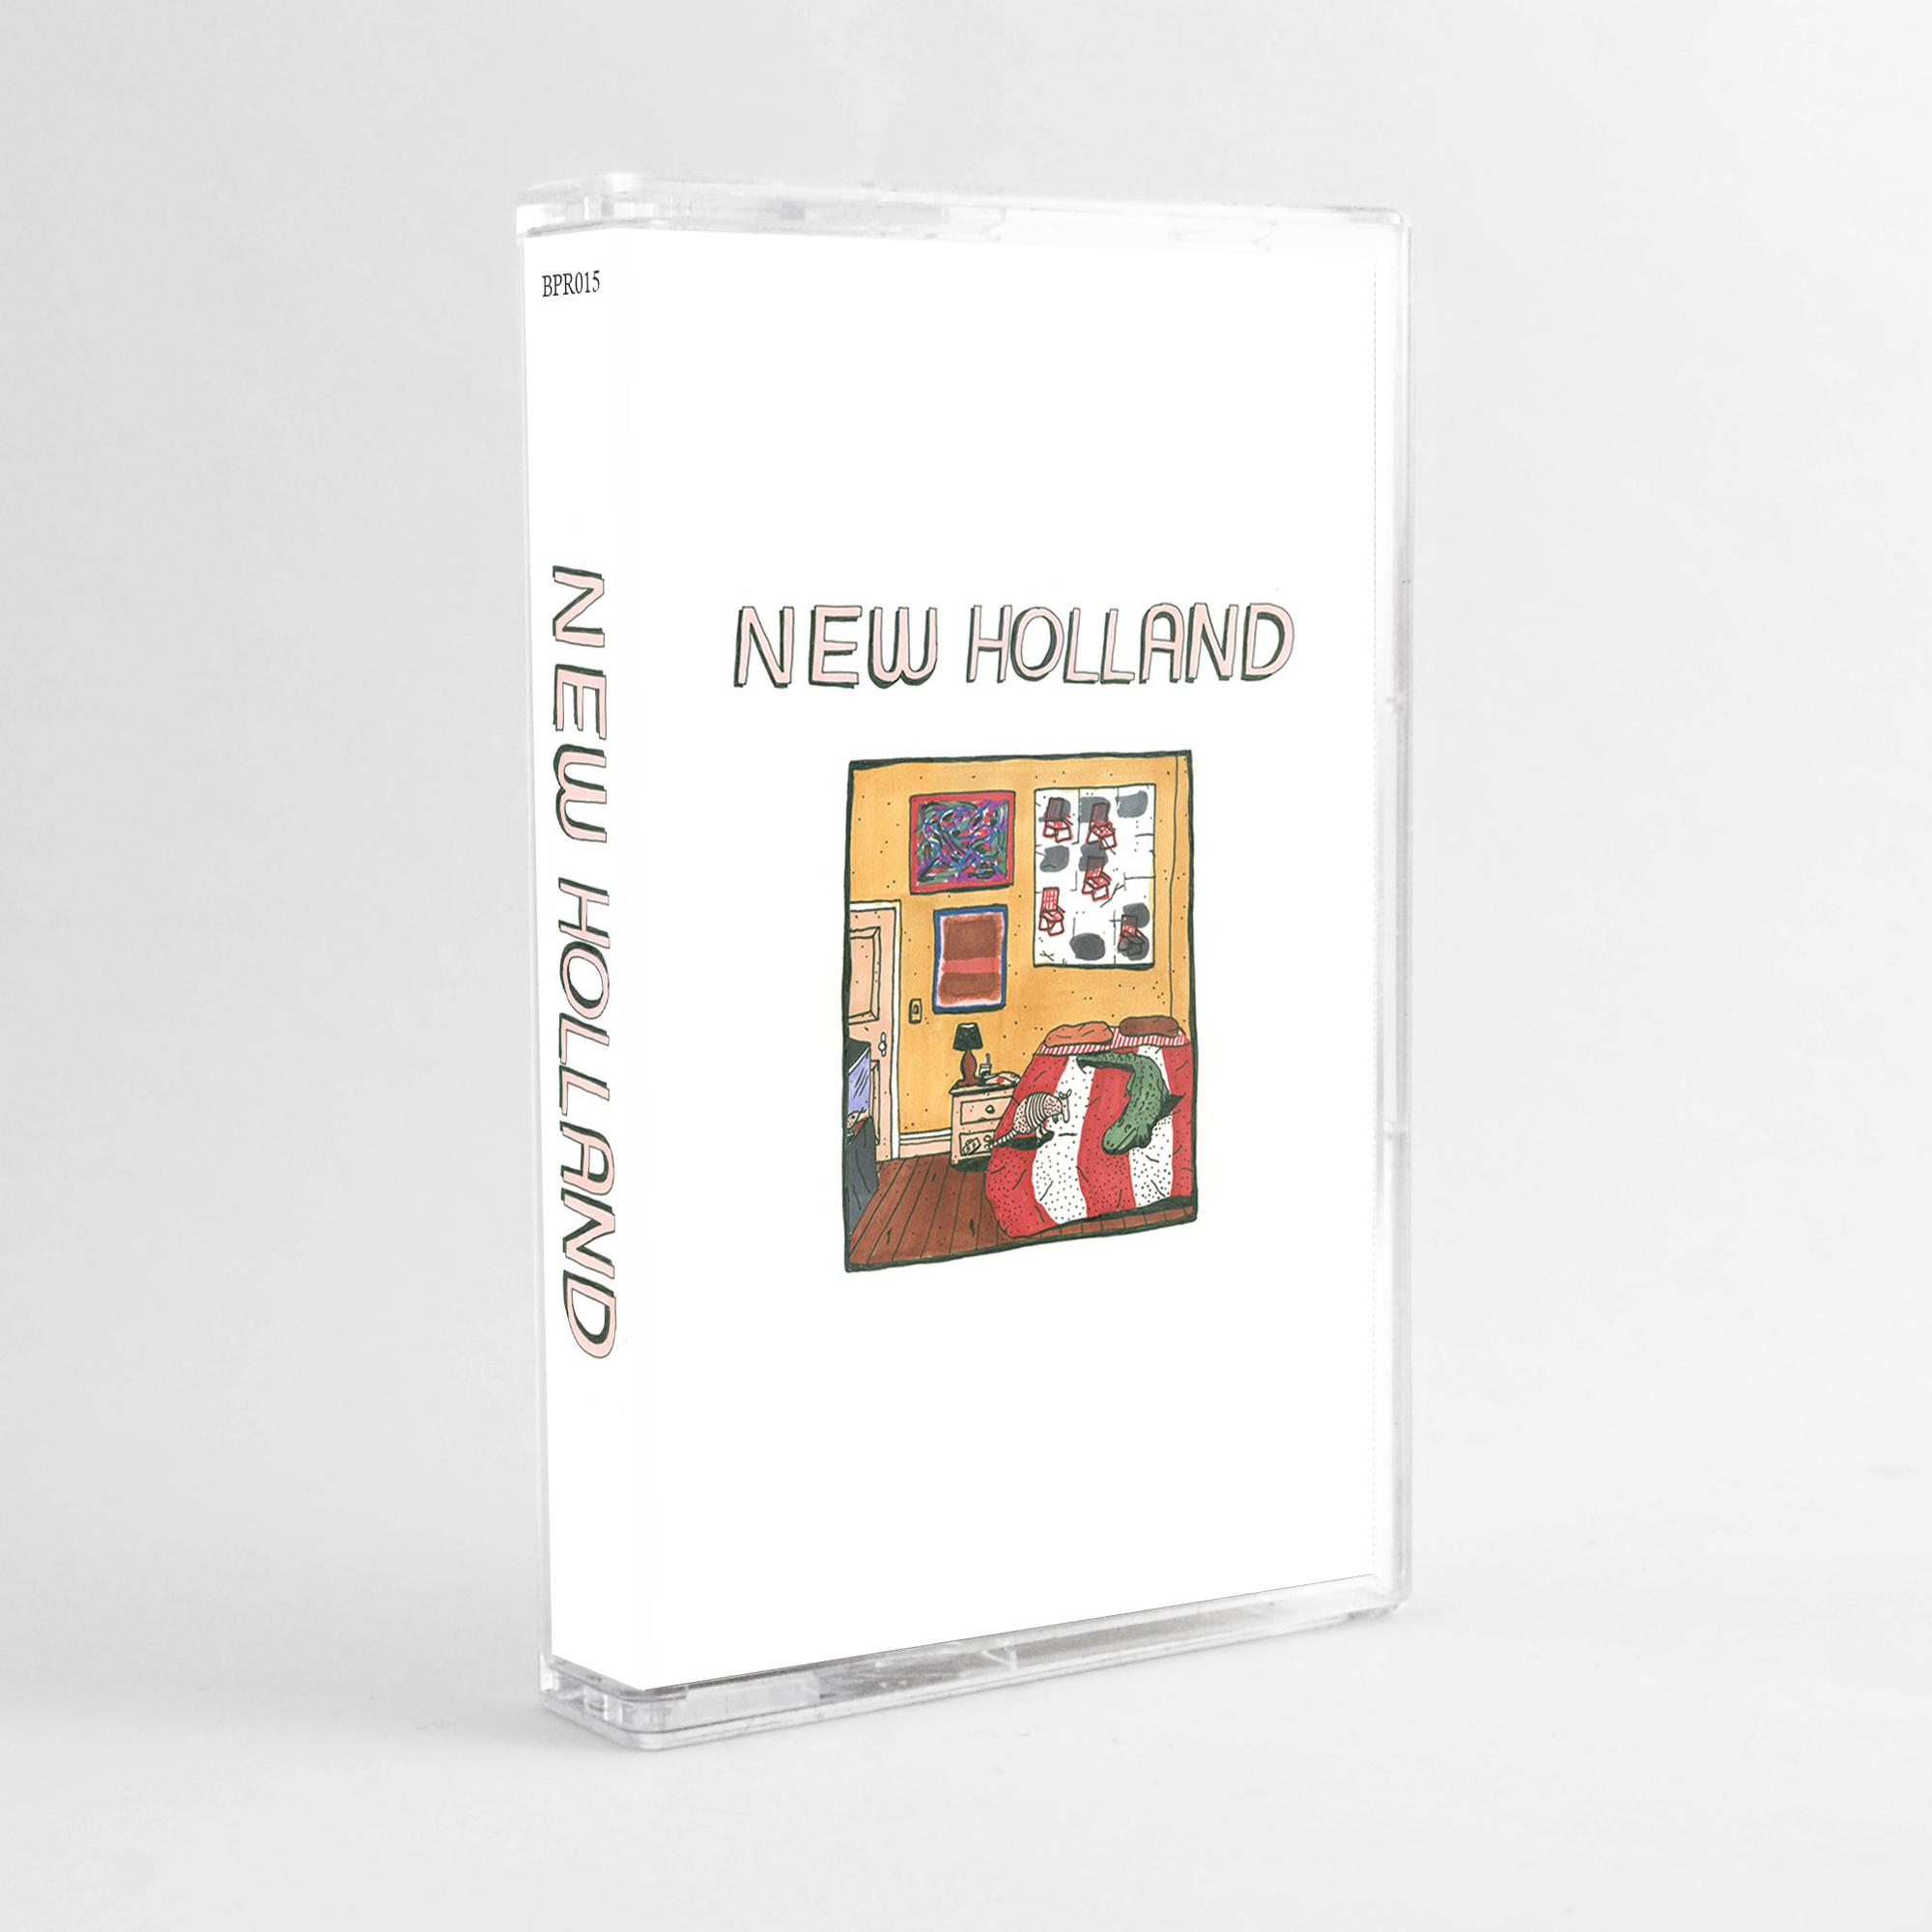 BPR015: New Holland -